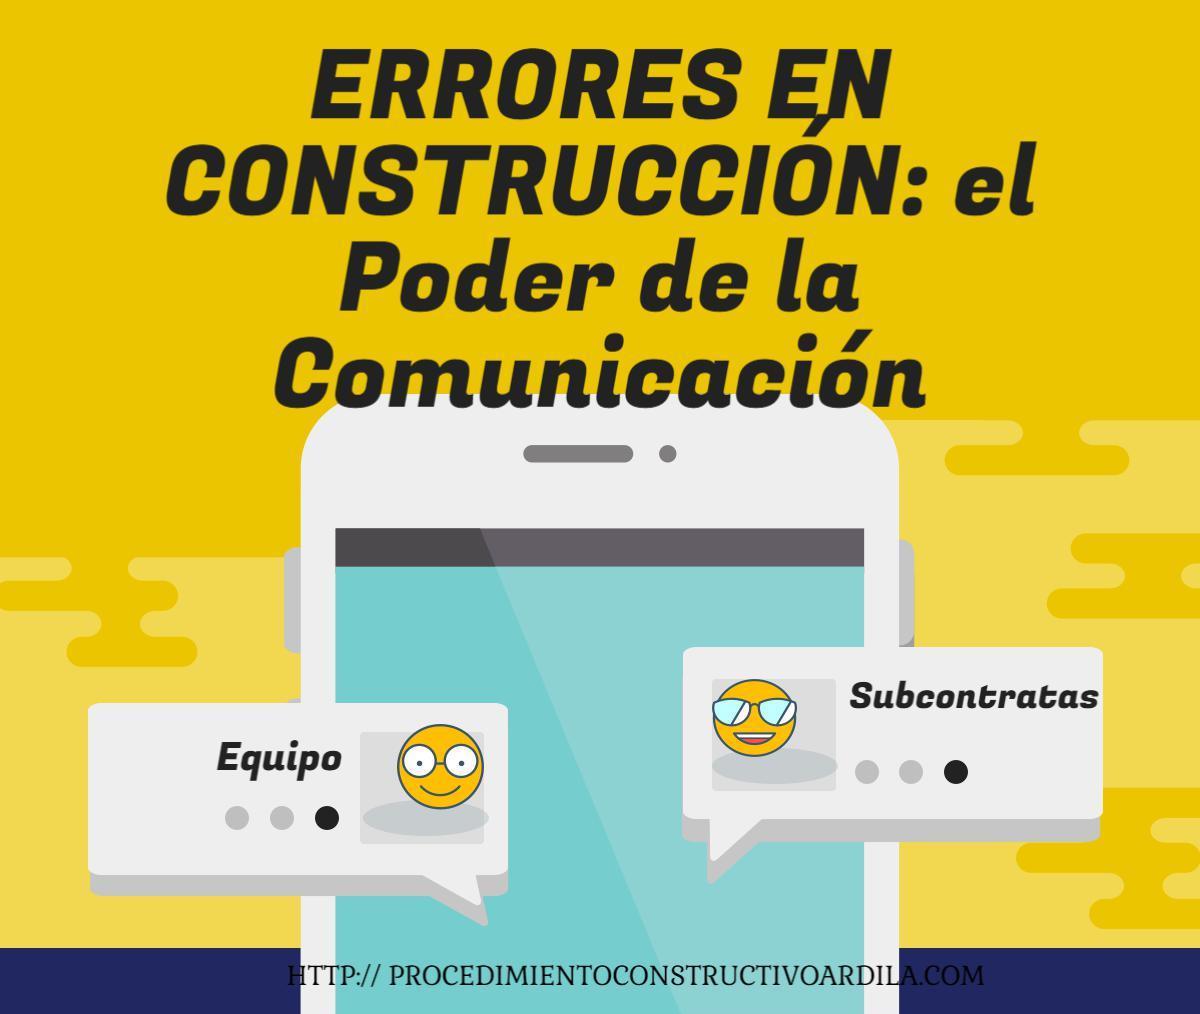 PORTADA ERRORES EN CONSTRUCCIÓN CÓMO EVITAR GRAN PARTE MEJORANDO LA COMUNICACIÓN